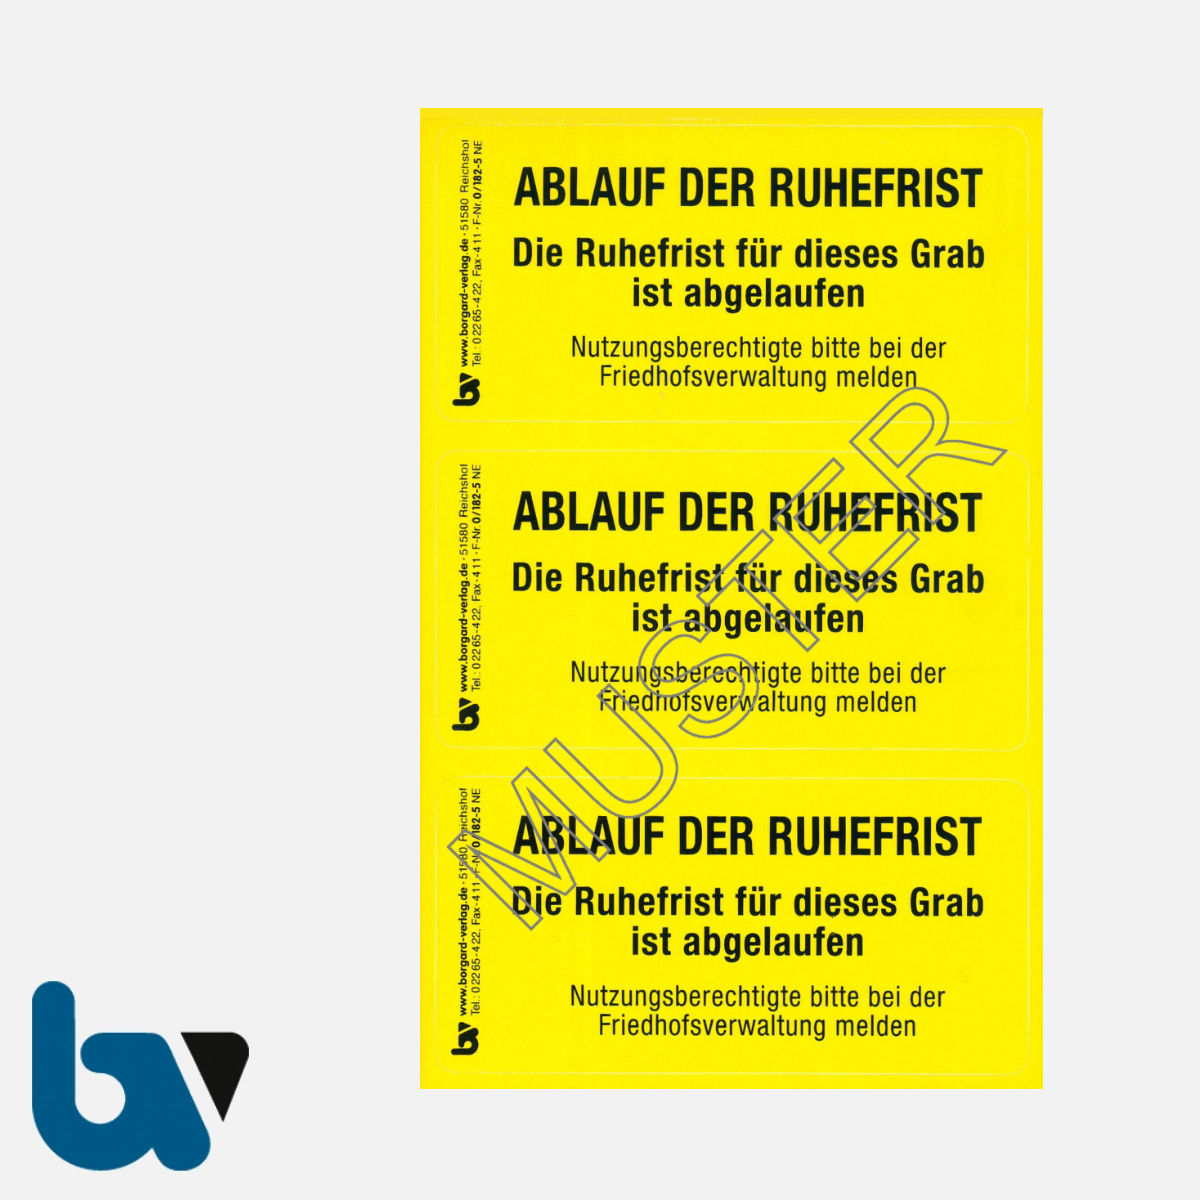 0/182-5 Grab Aufkleber Ablauf Ruhefrist Grabstelle Angehörige Aufforderung Friedhof Verwaltung gelb PVC Folie selbstklebend | Borgard Verlag GmbH